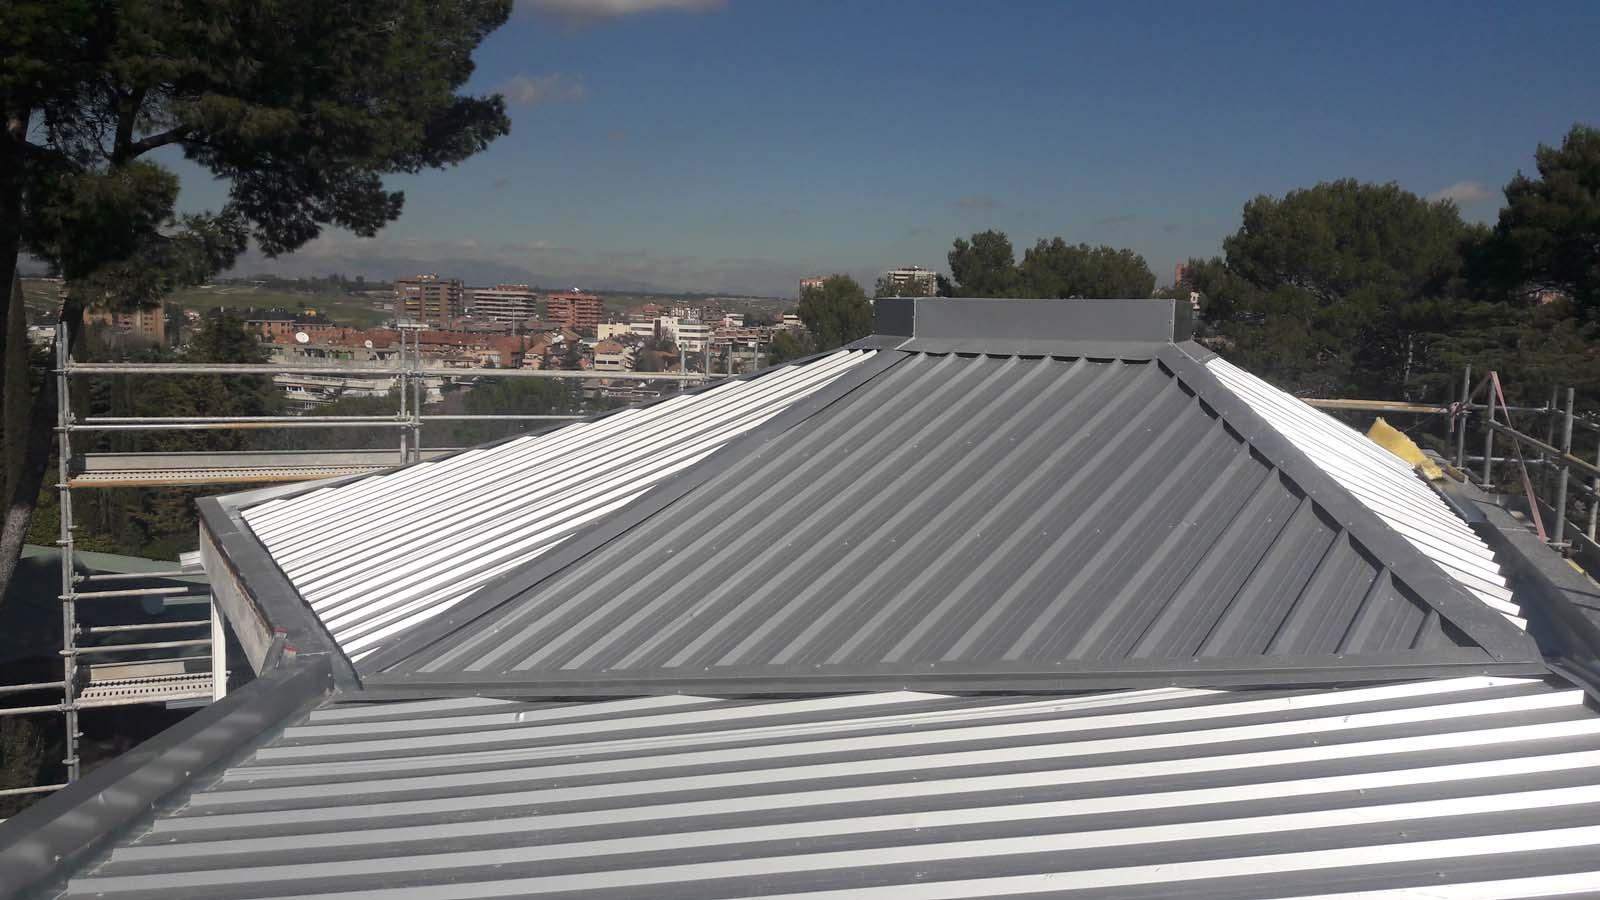 Cubierta vivienda en madrid for Viviendas compartidas en madrid